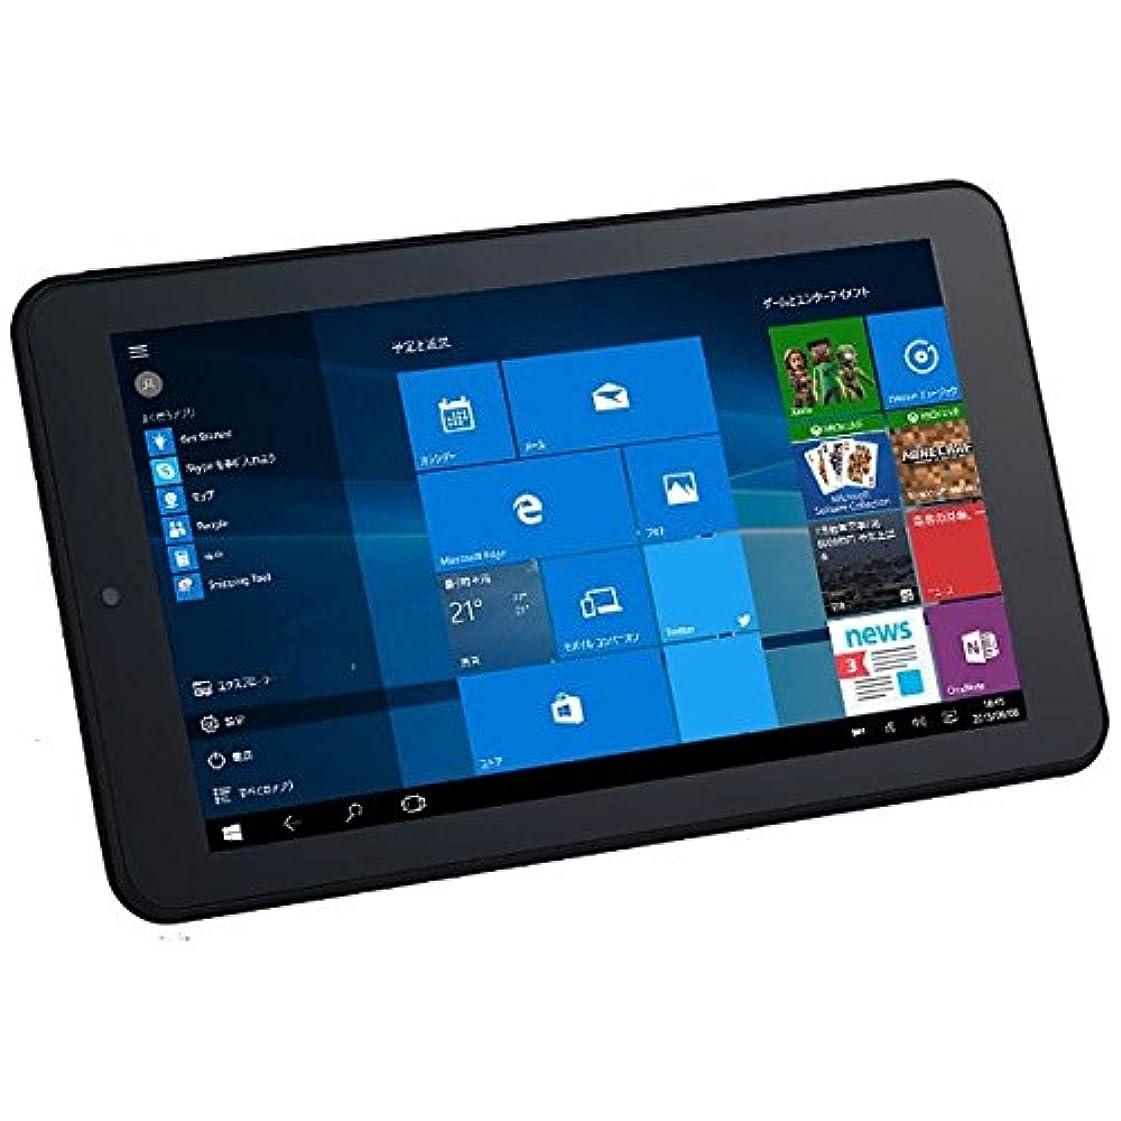 コンペ迅速メーターChuwi Hipad タブレットPC 10.1インチ MT6797(X27)デカコア64ビット Android8.0搭載 3GB RAM+32GB ROM 1920*1200解像度ディスプレー Bluetooth4.1 デュアルWi-Fi/カメラ ブラック